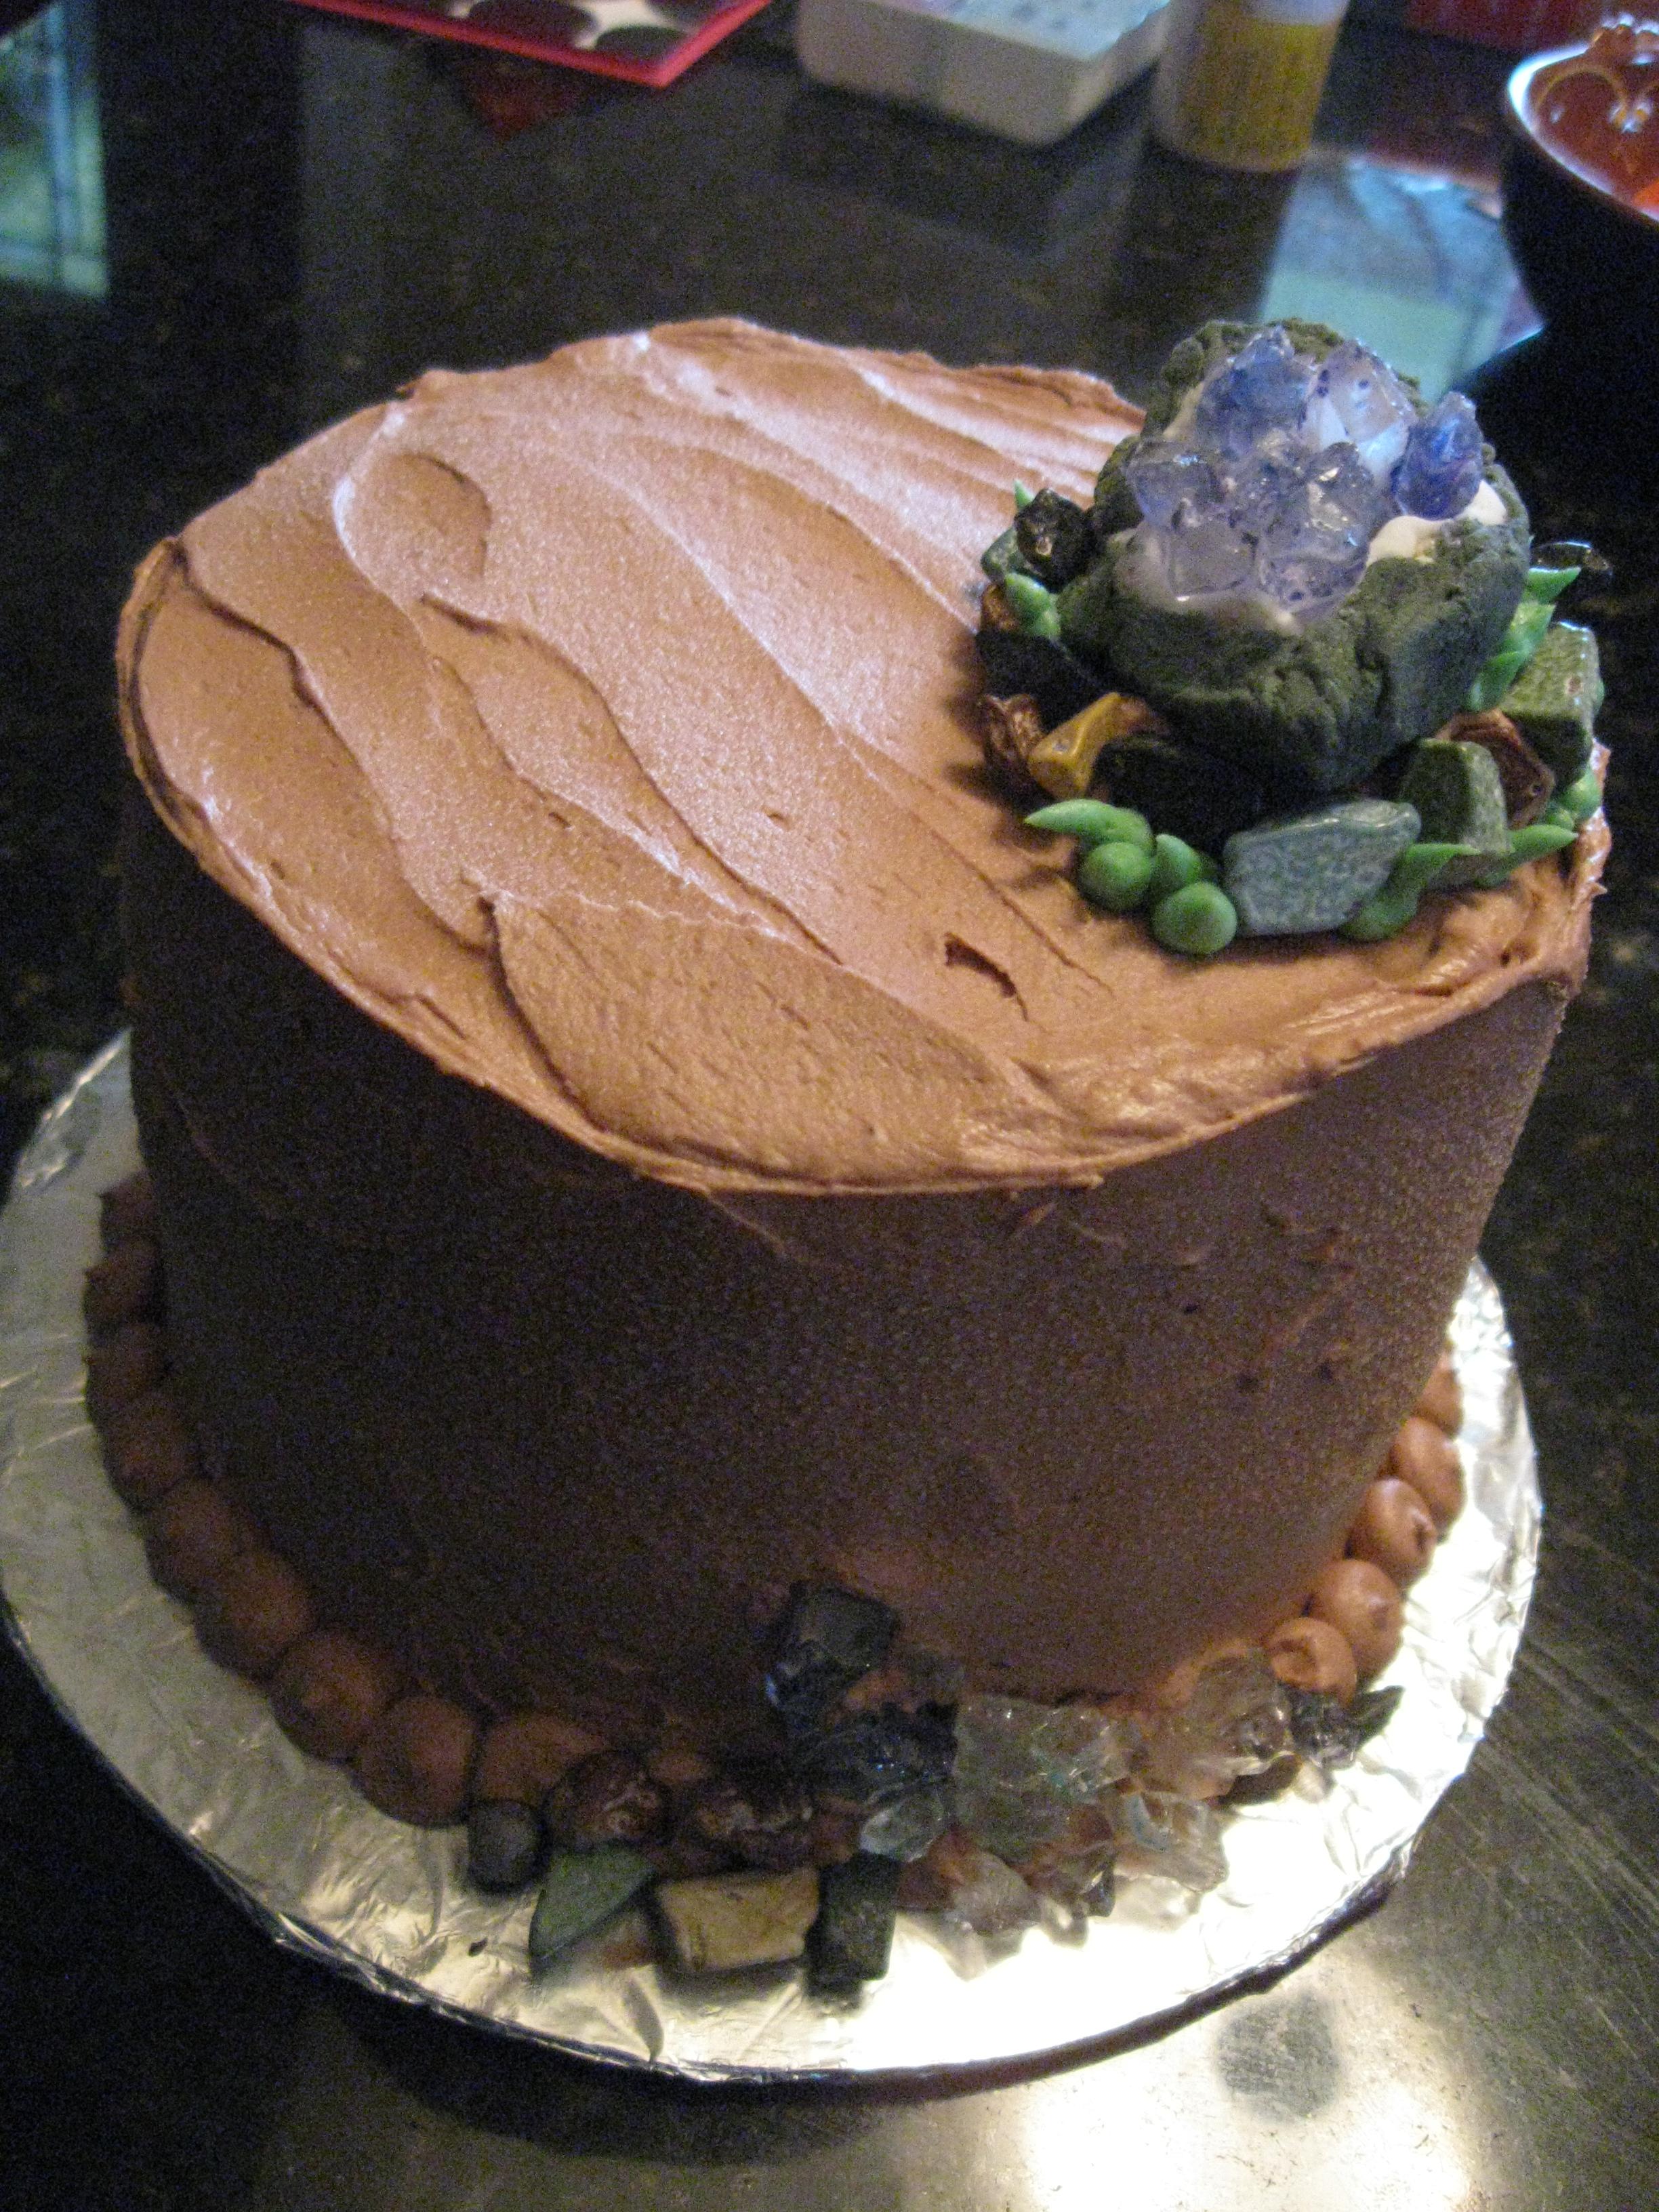 A Rockhound S Birthday Cake Gaitedgardens S Blog